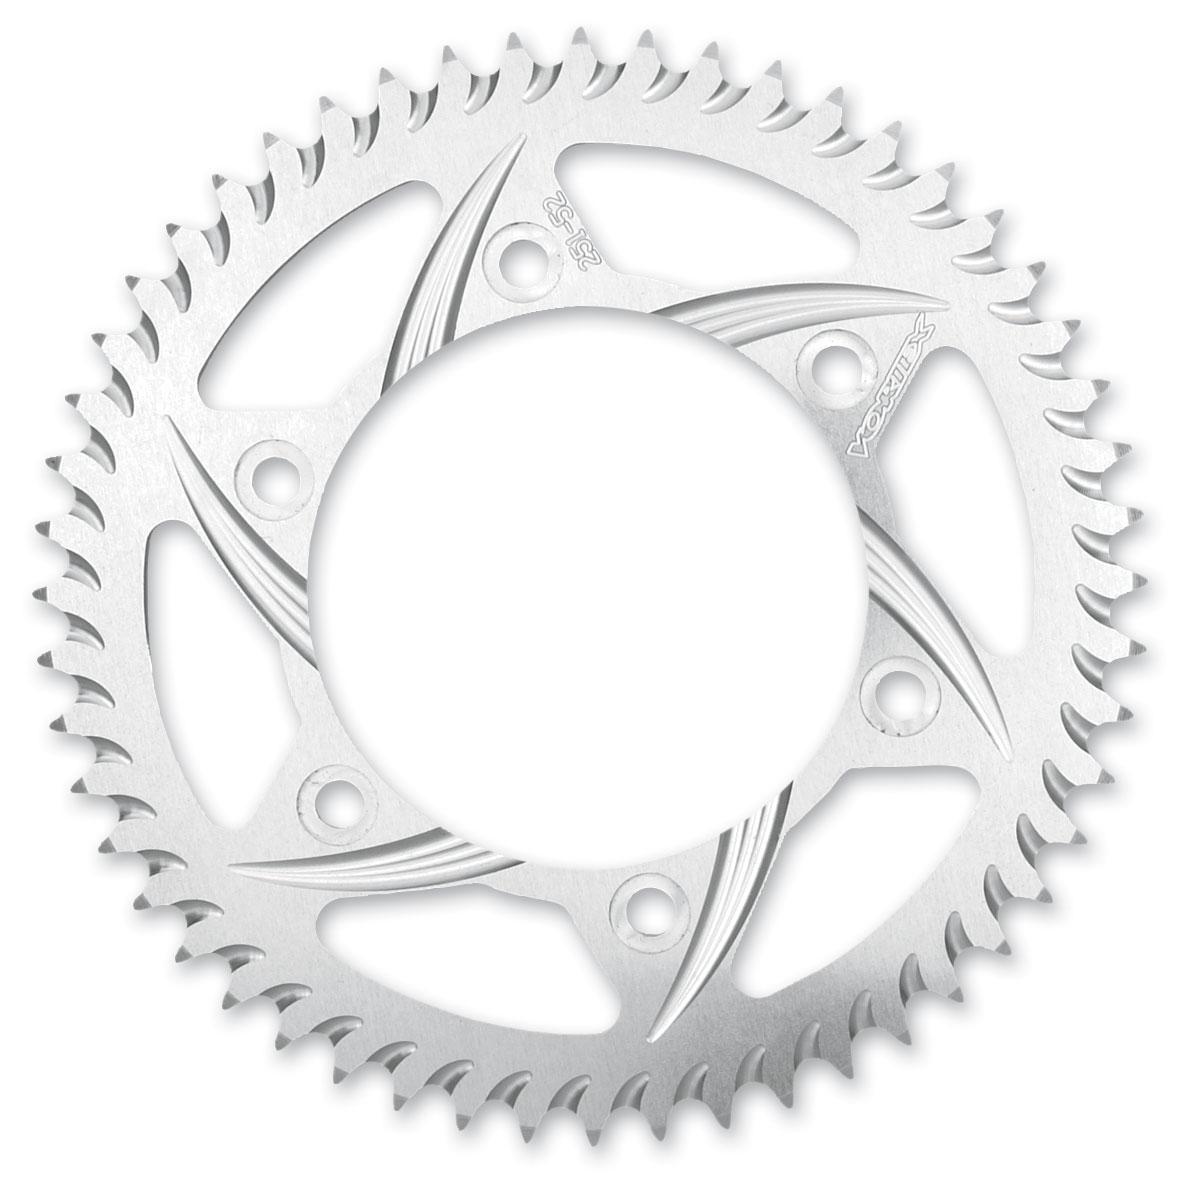 Vortex Rear Sprocket 520 Conversion 43T Silver